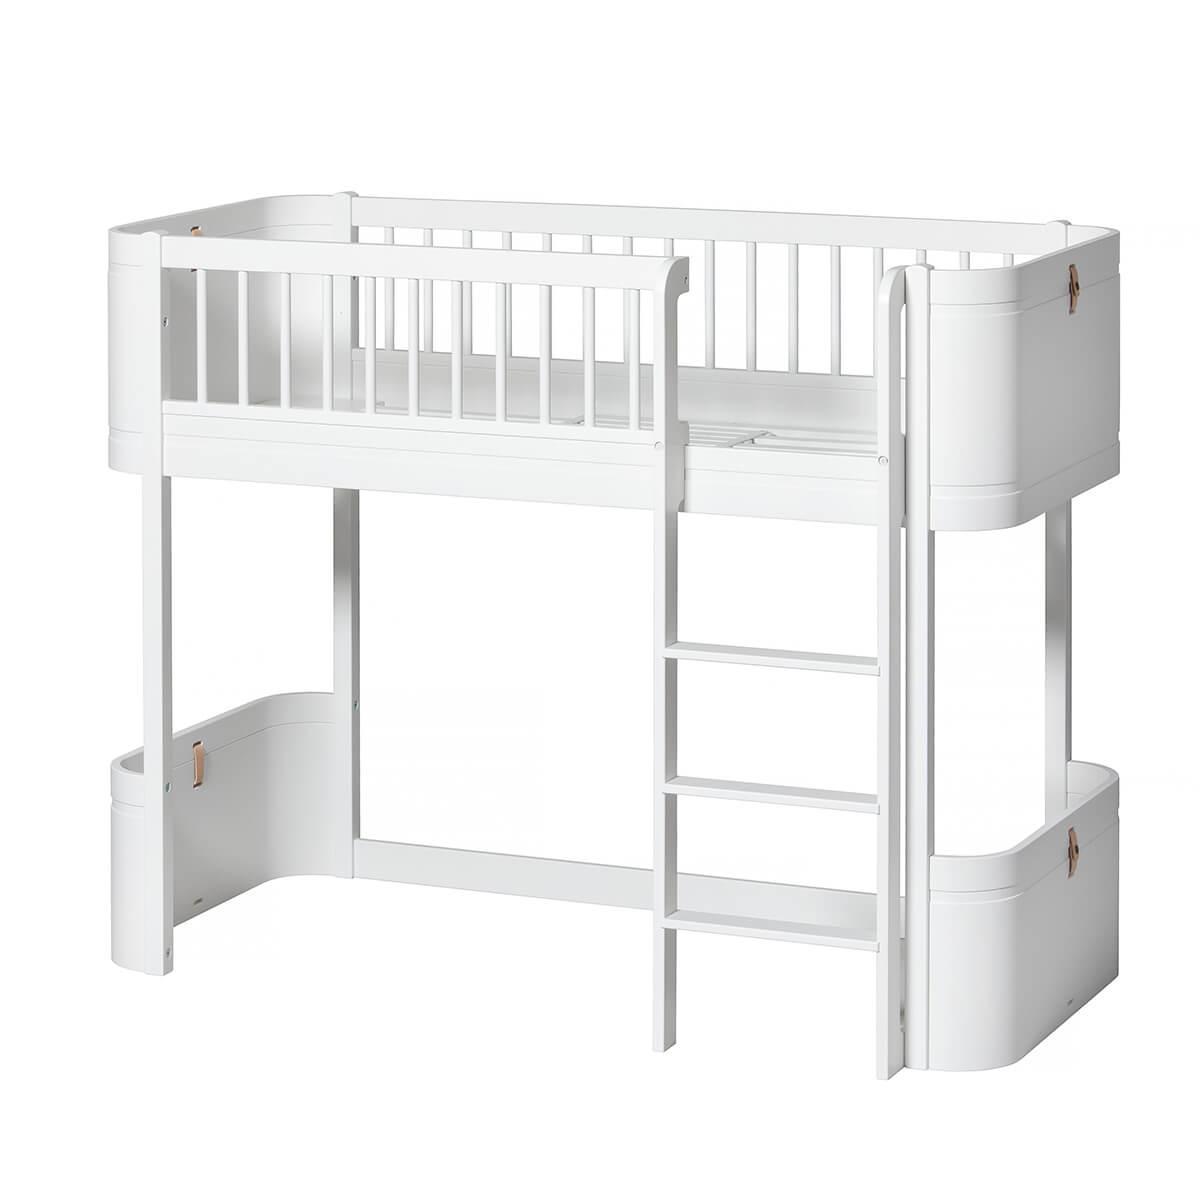 Lit évolutif mi hauteur 68x162cm WOOD MINI+ Oliver Furniture blanc